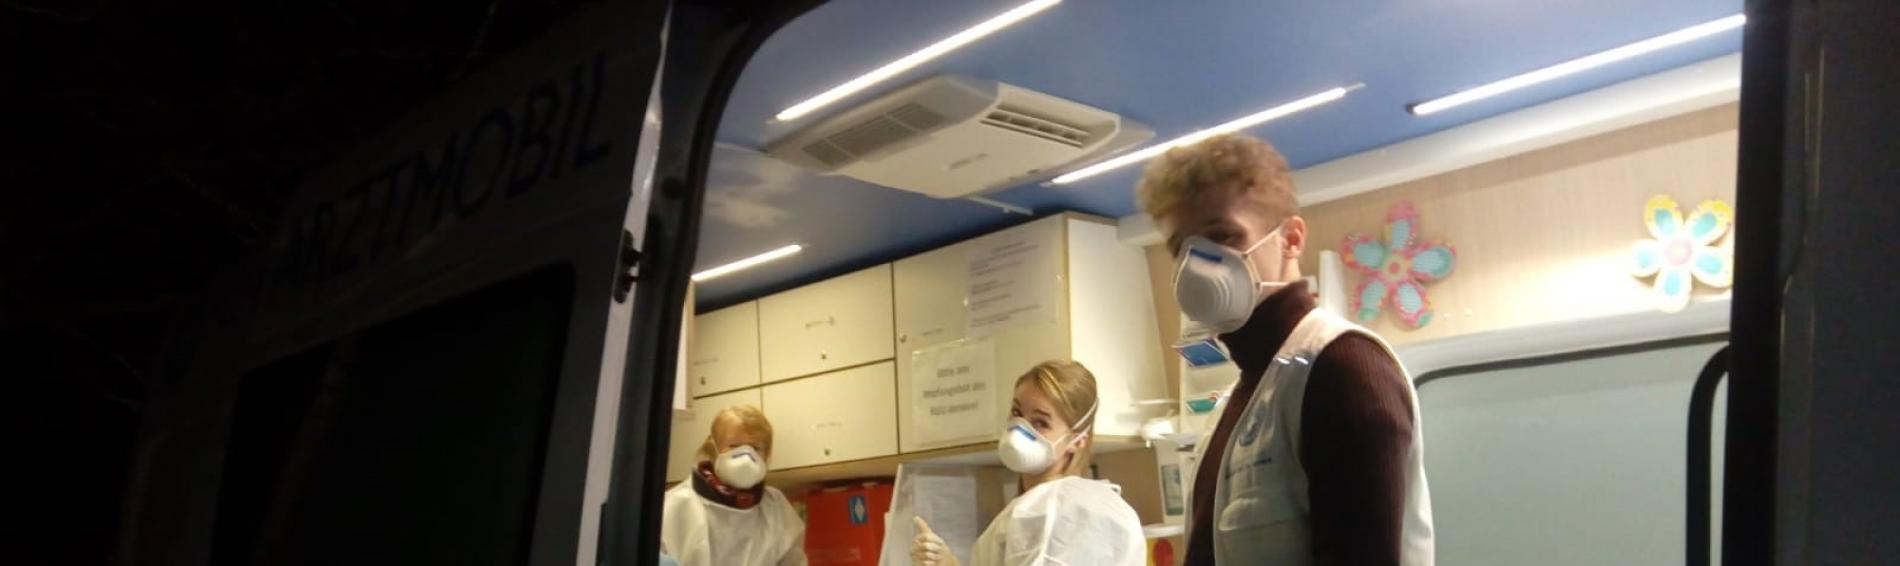 Mitarbeiter*innen von open.med arbeiten zur Zeit mit Schutzmasken